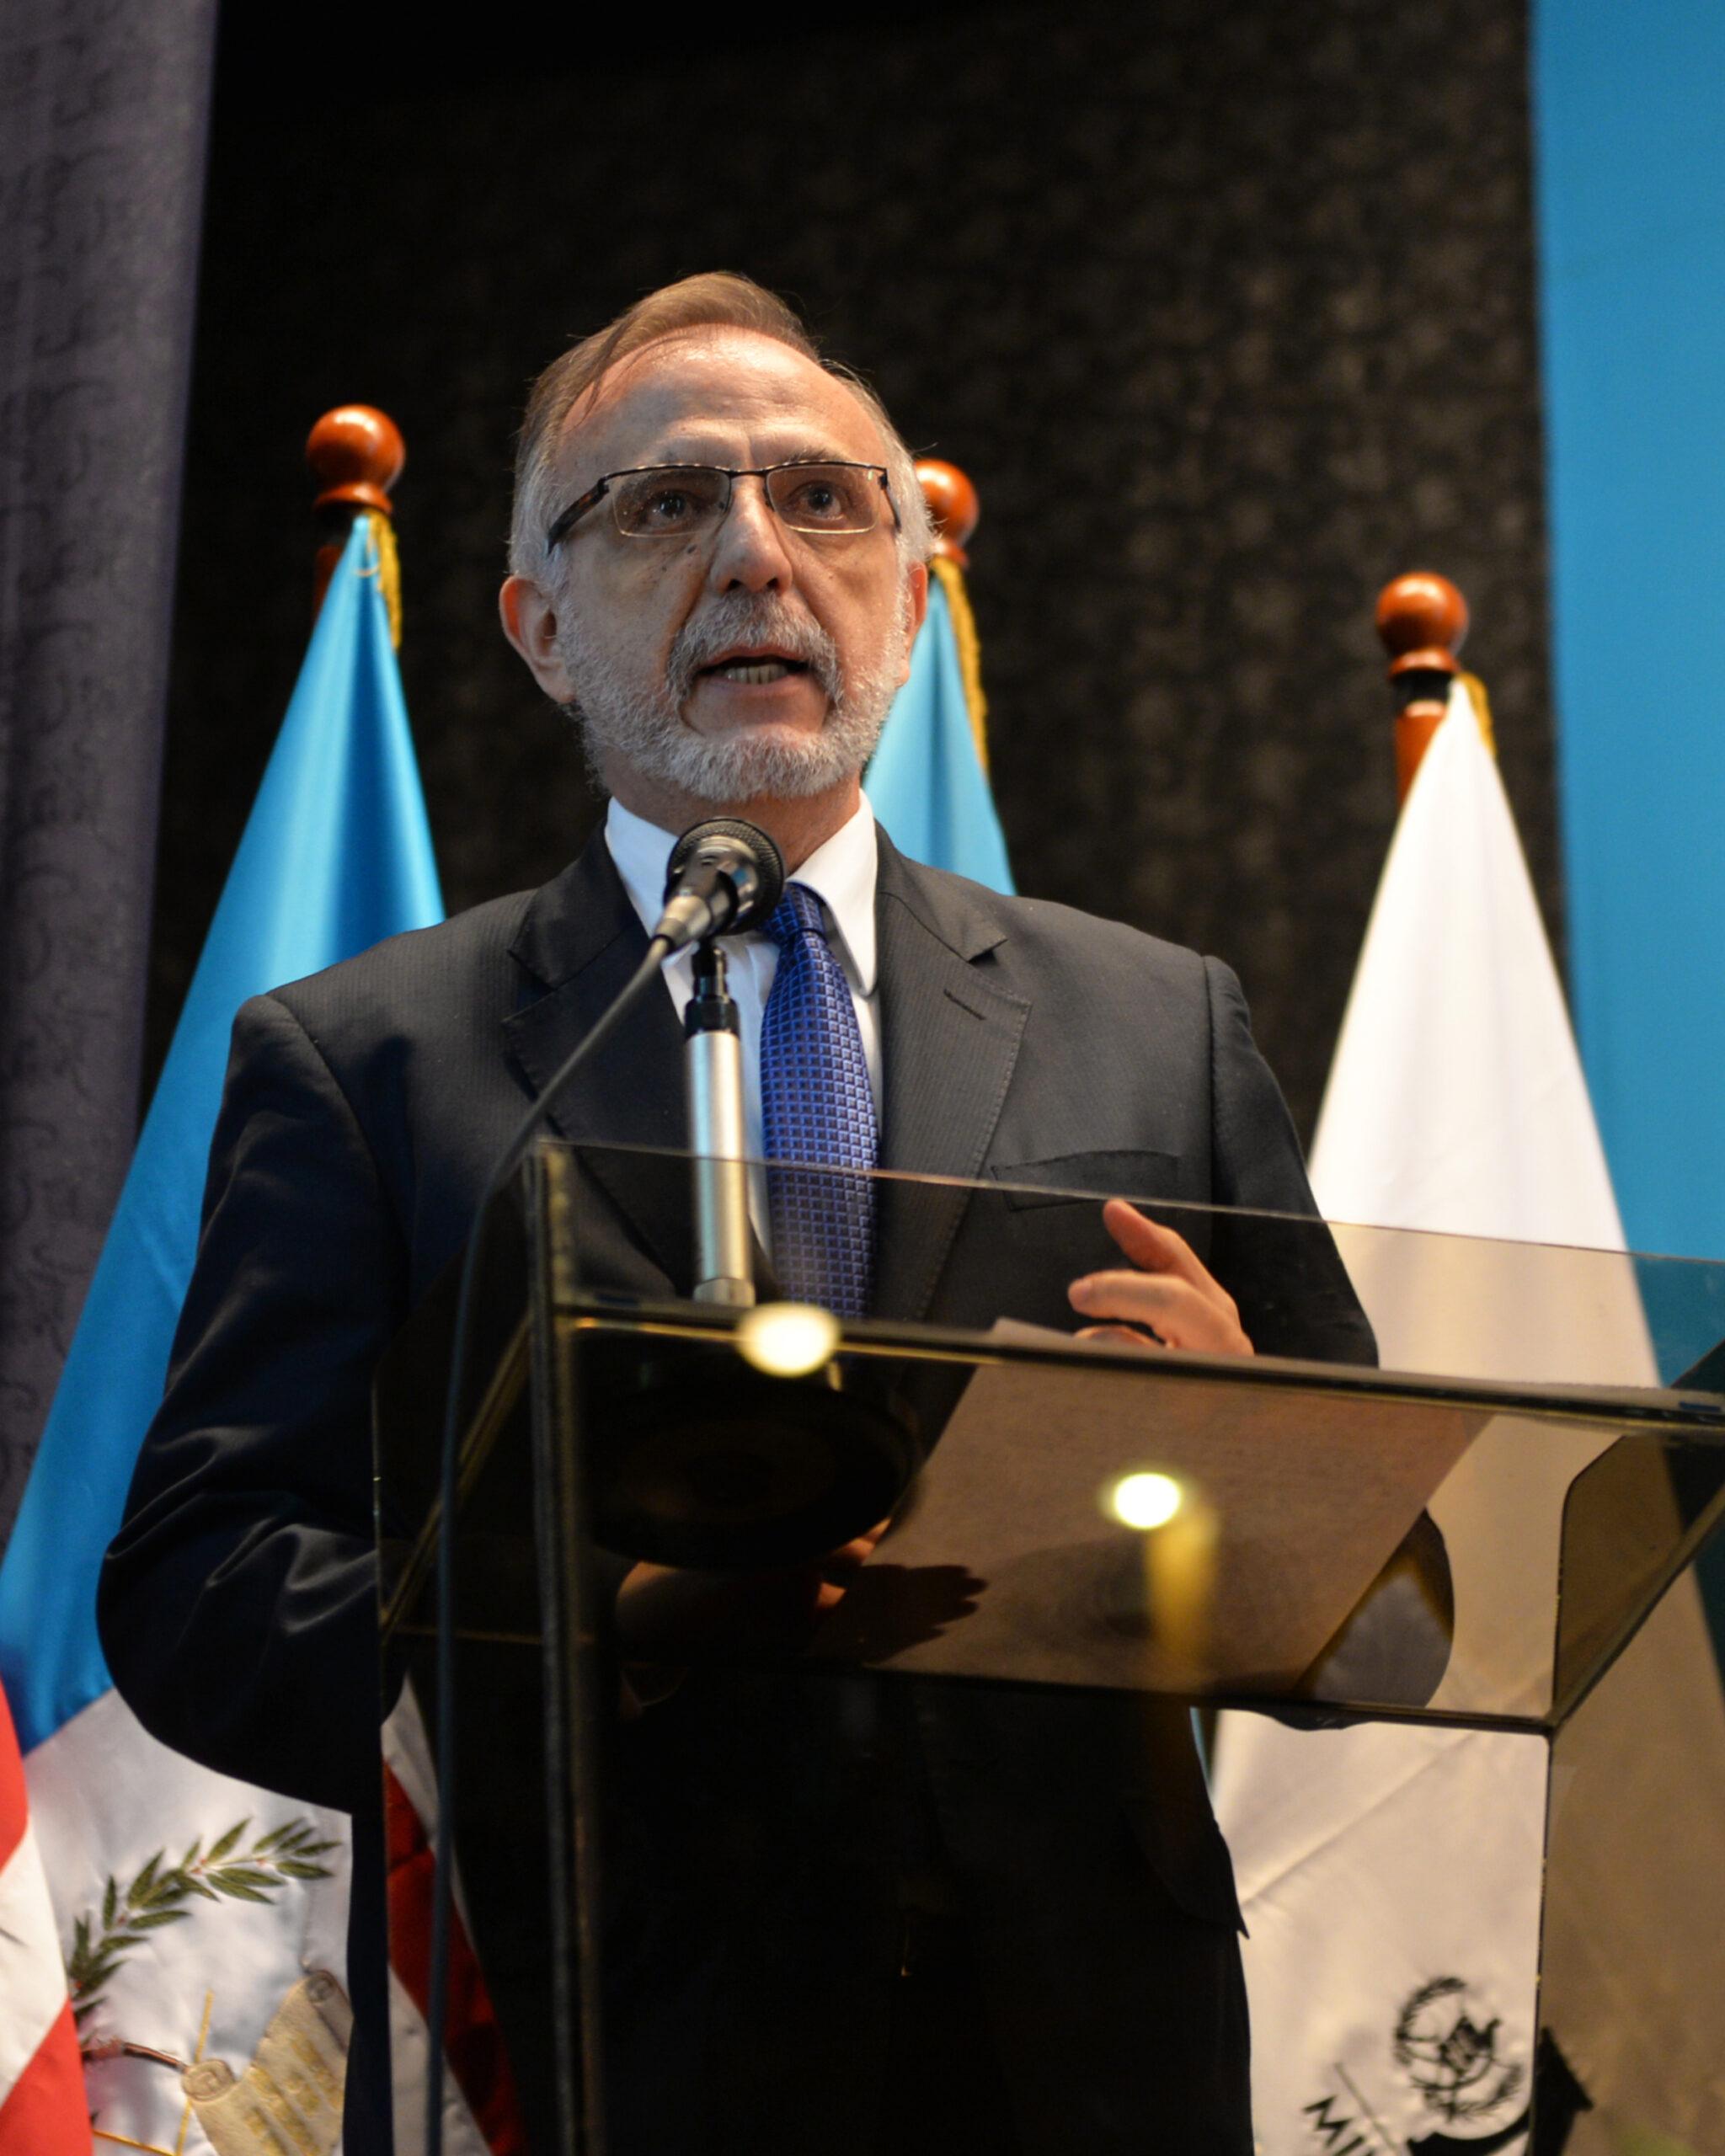 Iván Velásquez Goméz